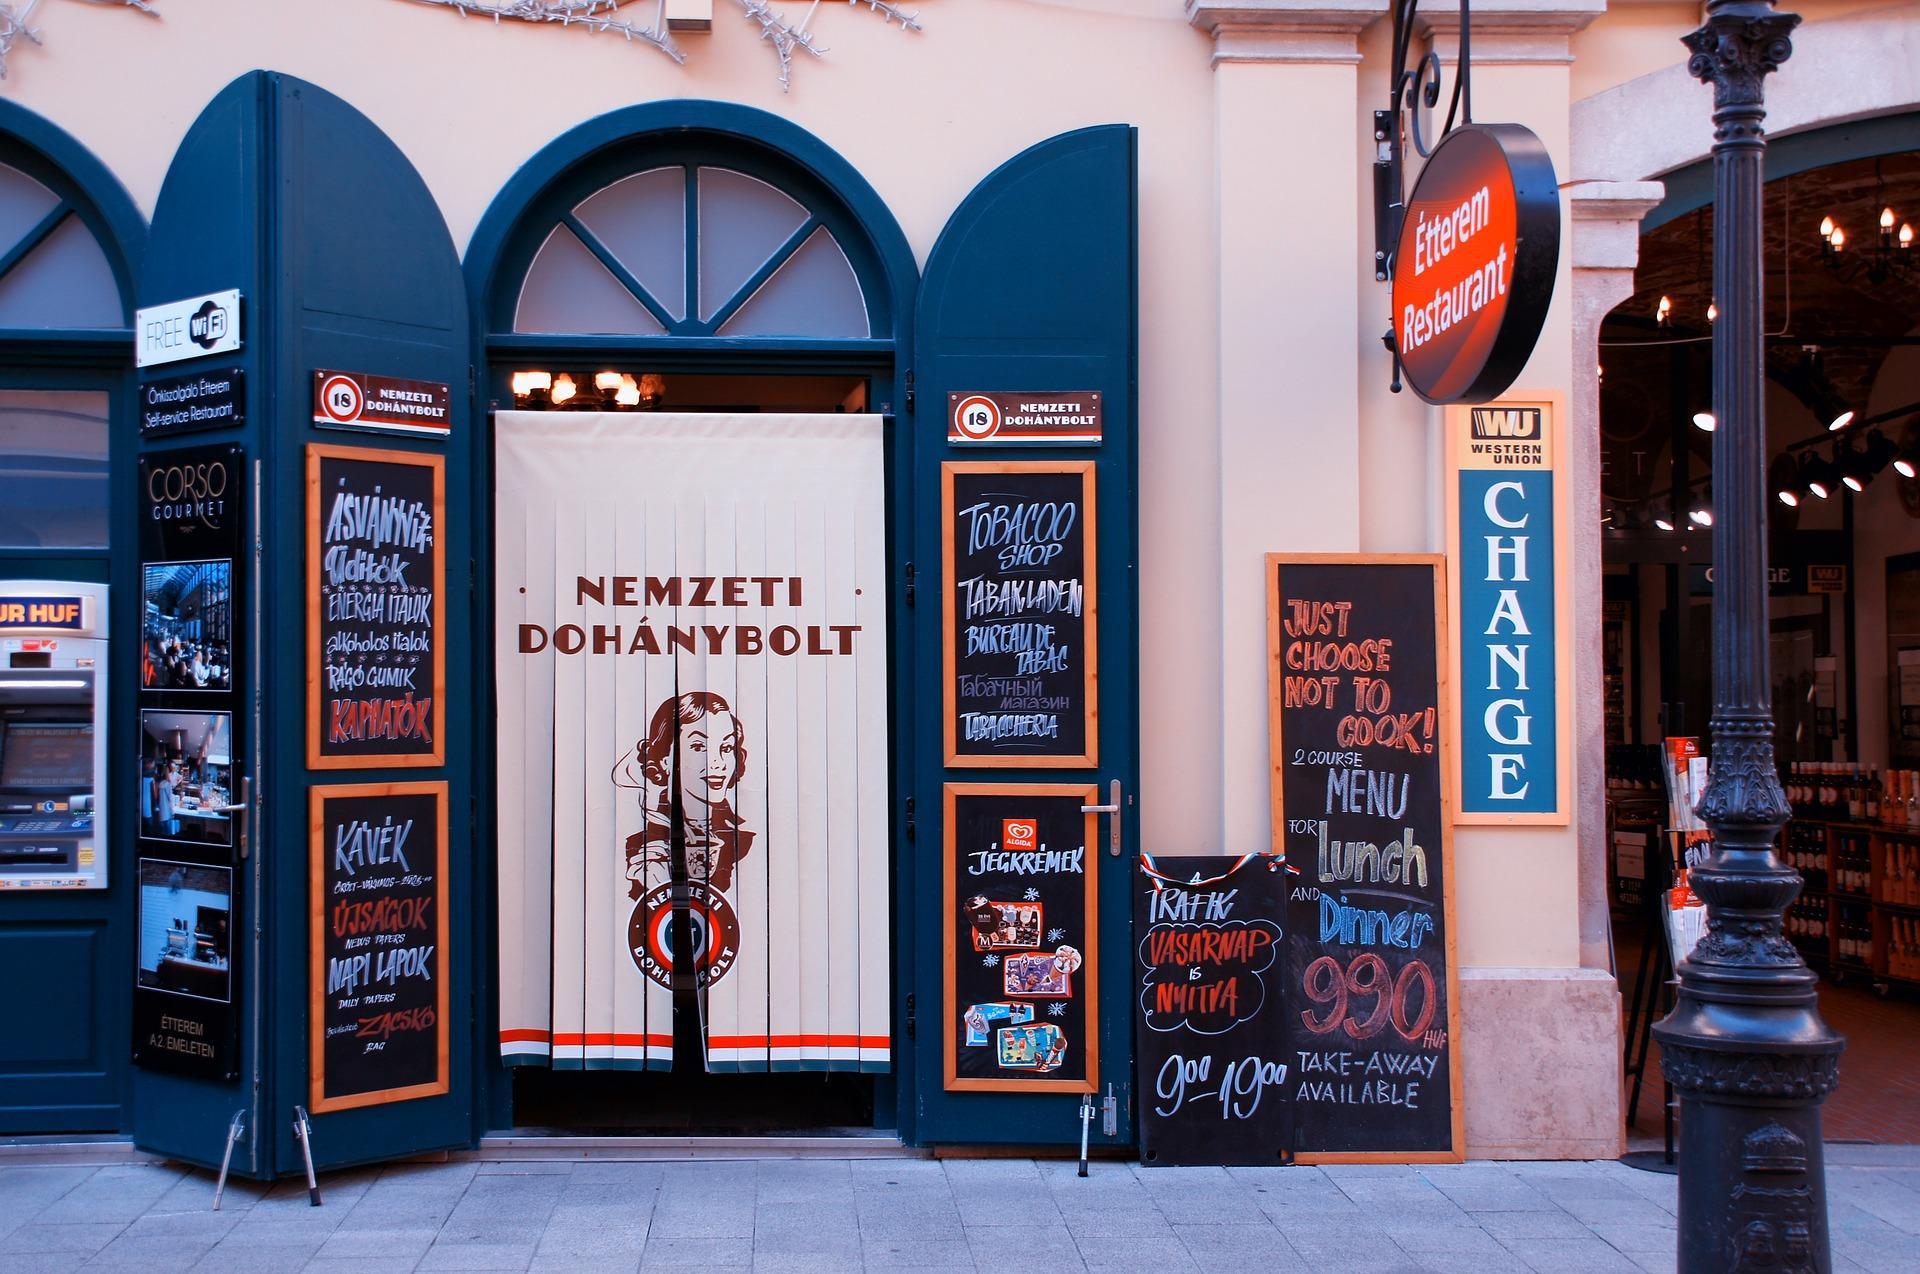 cafe, budapest, shopping, rejseguide, rejse, ferie, kultur, ,ungarn